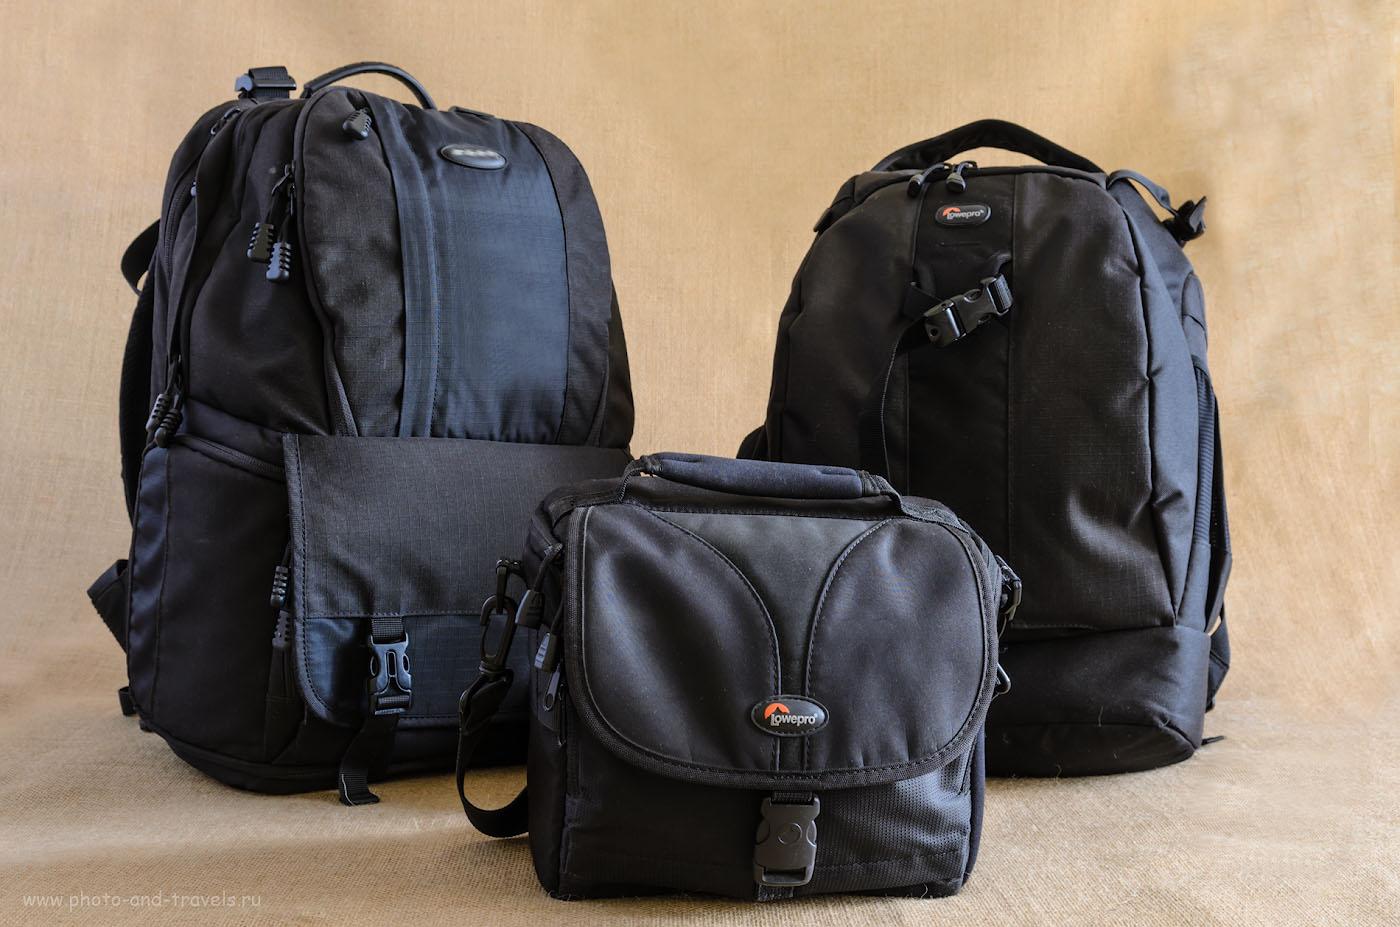 Фото 1. Опыт использования фотосумки и фоторюкзаков для переноски фототехники. На переднем плане – сумка Lowepro Nova 160 AW, слева – мой предыдущий рюкзак, справа – моя обновка Lowepro Flipside 400 AW.